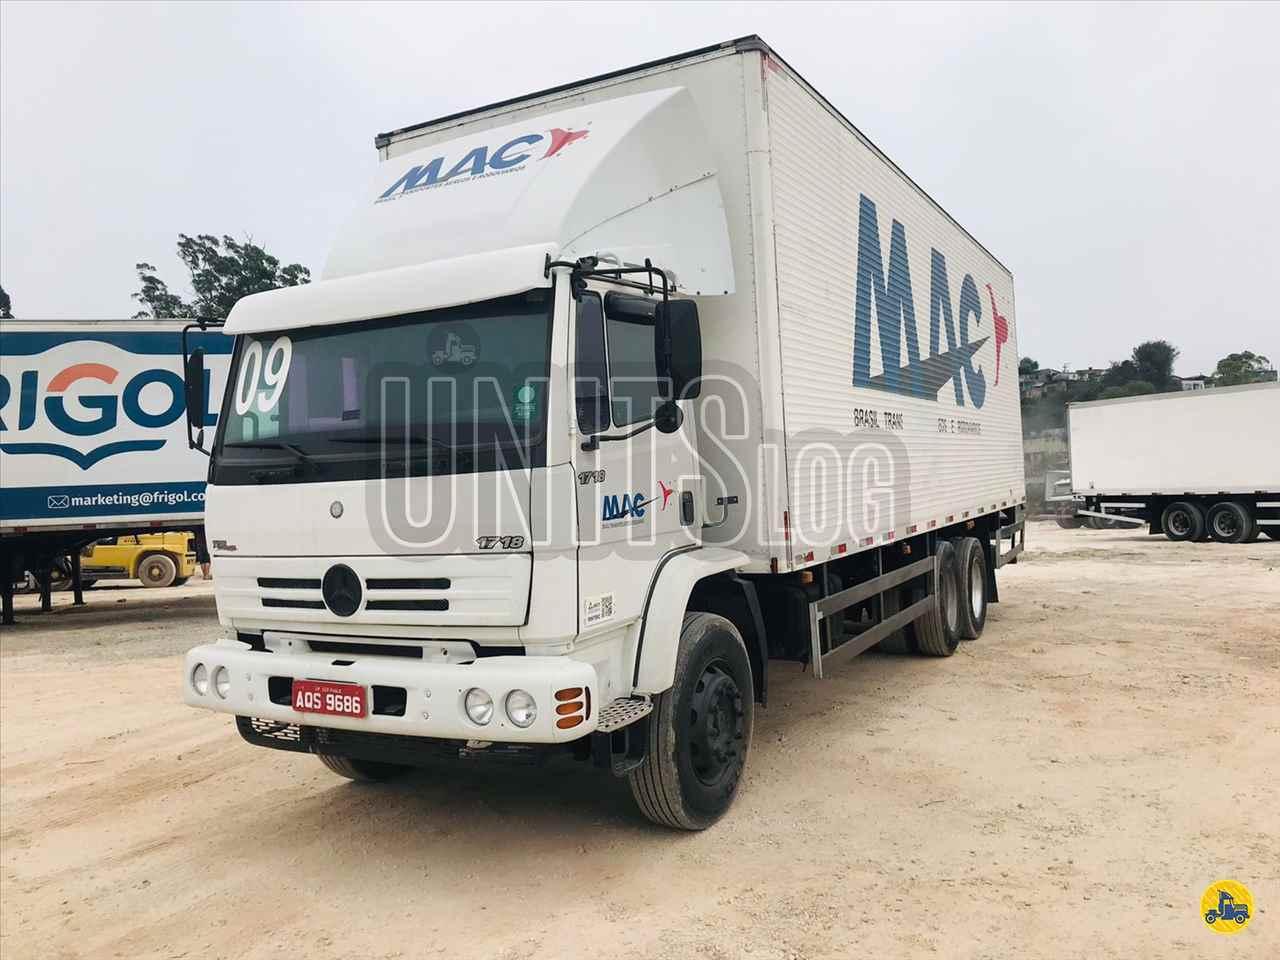 CAMINHAO MERCEDES-BENZ MB 1718 Baú Térmico 3/4 4x2 Unitslog Caminhões ITAPECERICA DA SERRA SÃO PAULO SP